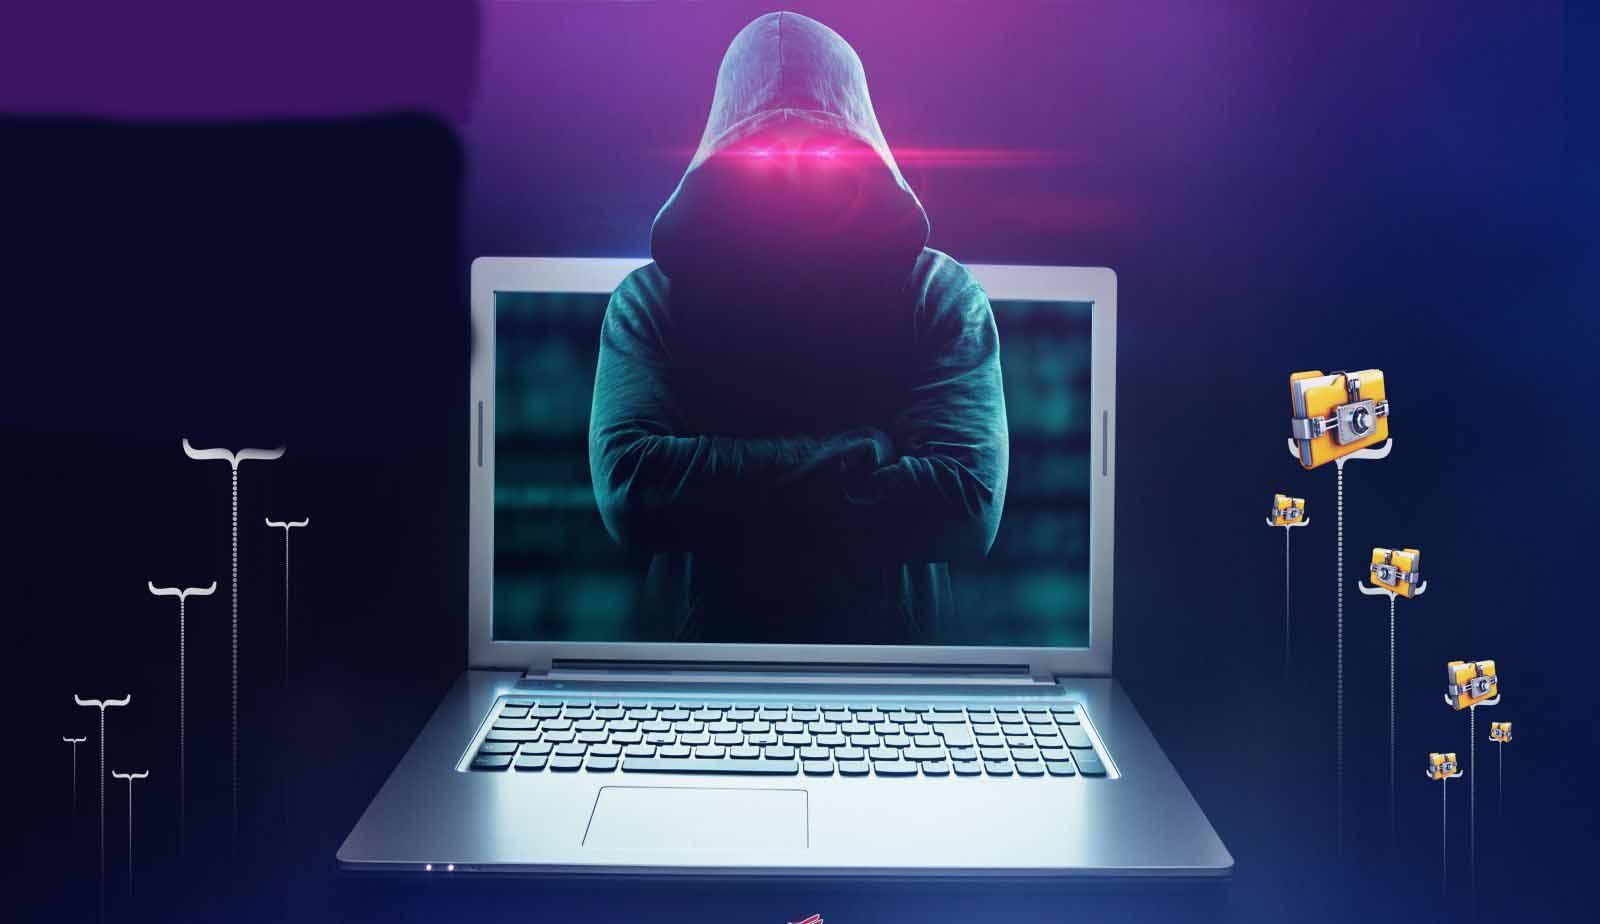 انتشار پست در فضای مجازی باید چه ویژگی داشته باشد؟